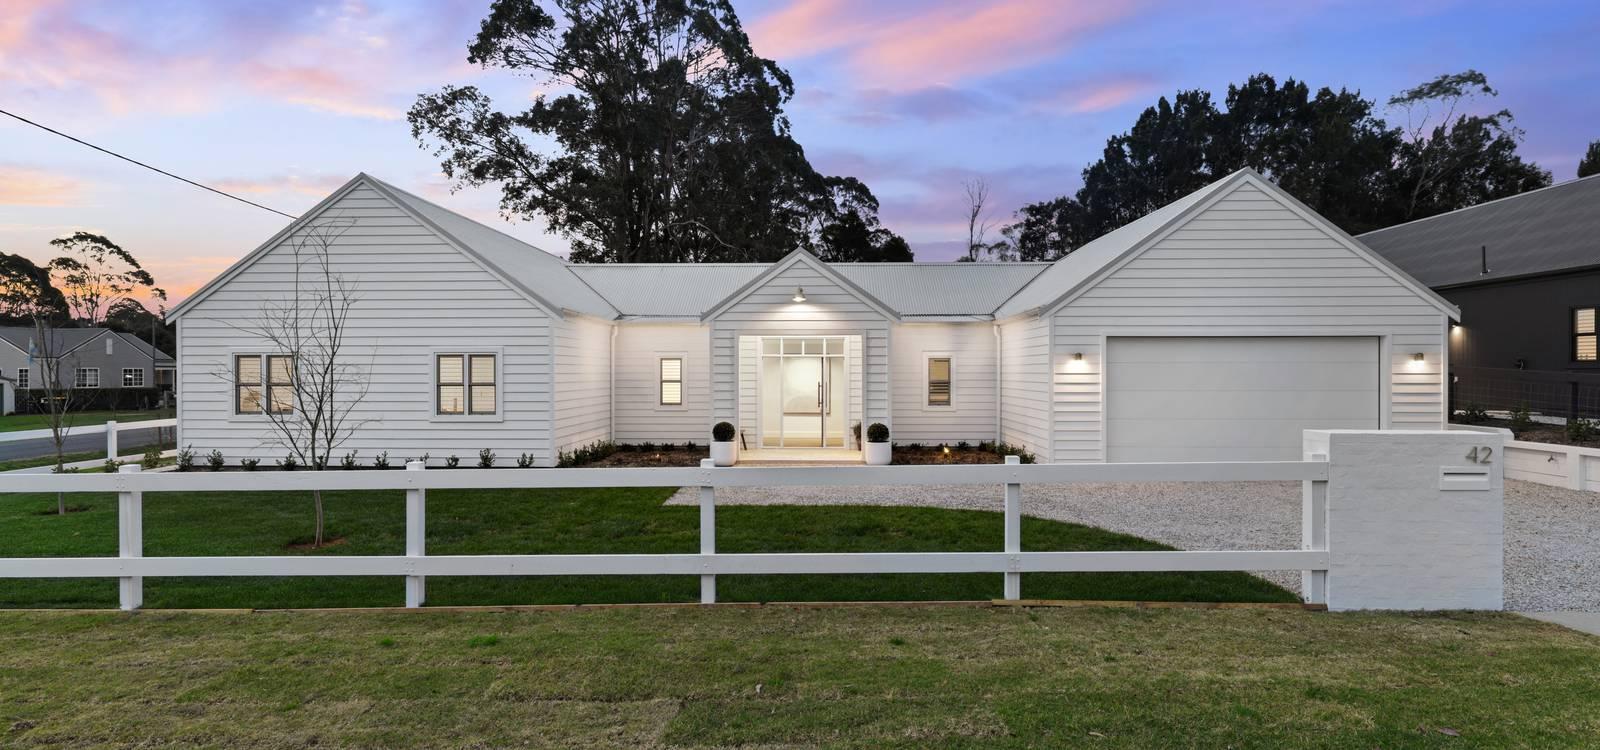 42 Burrawang Street ROBERTSON, NSW 2577 - photo 1